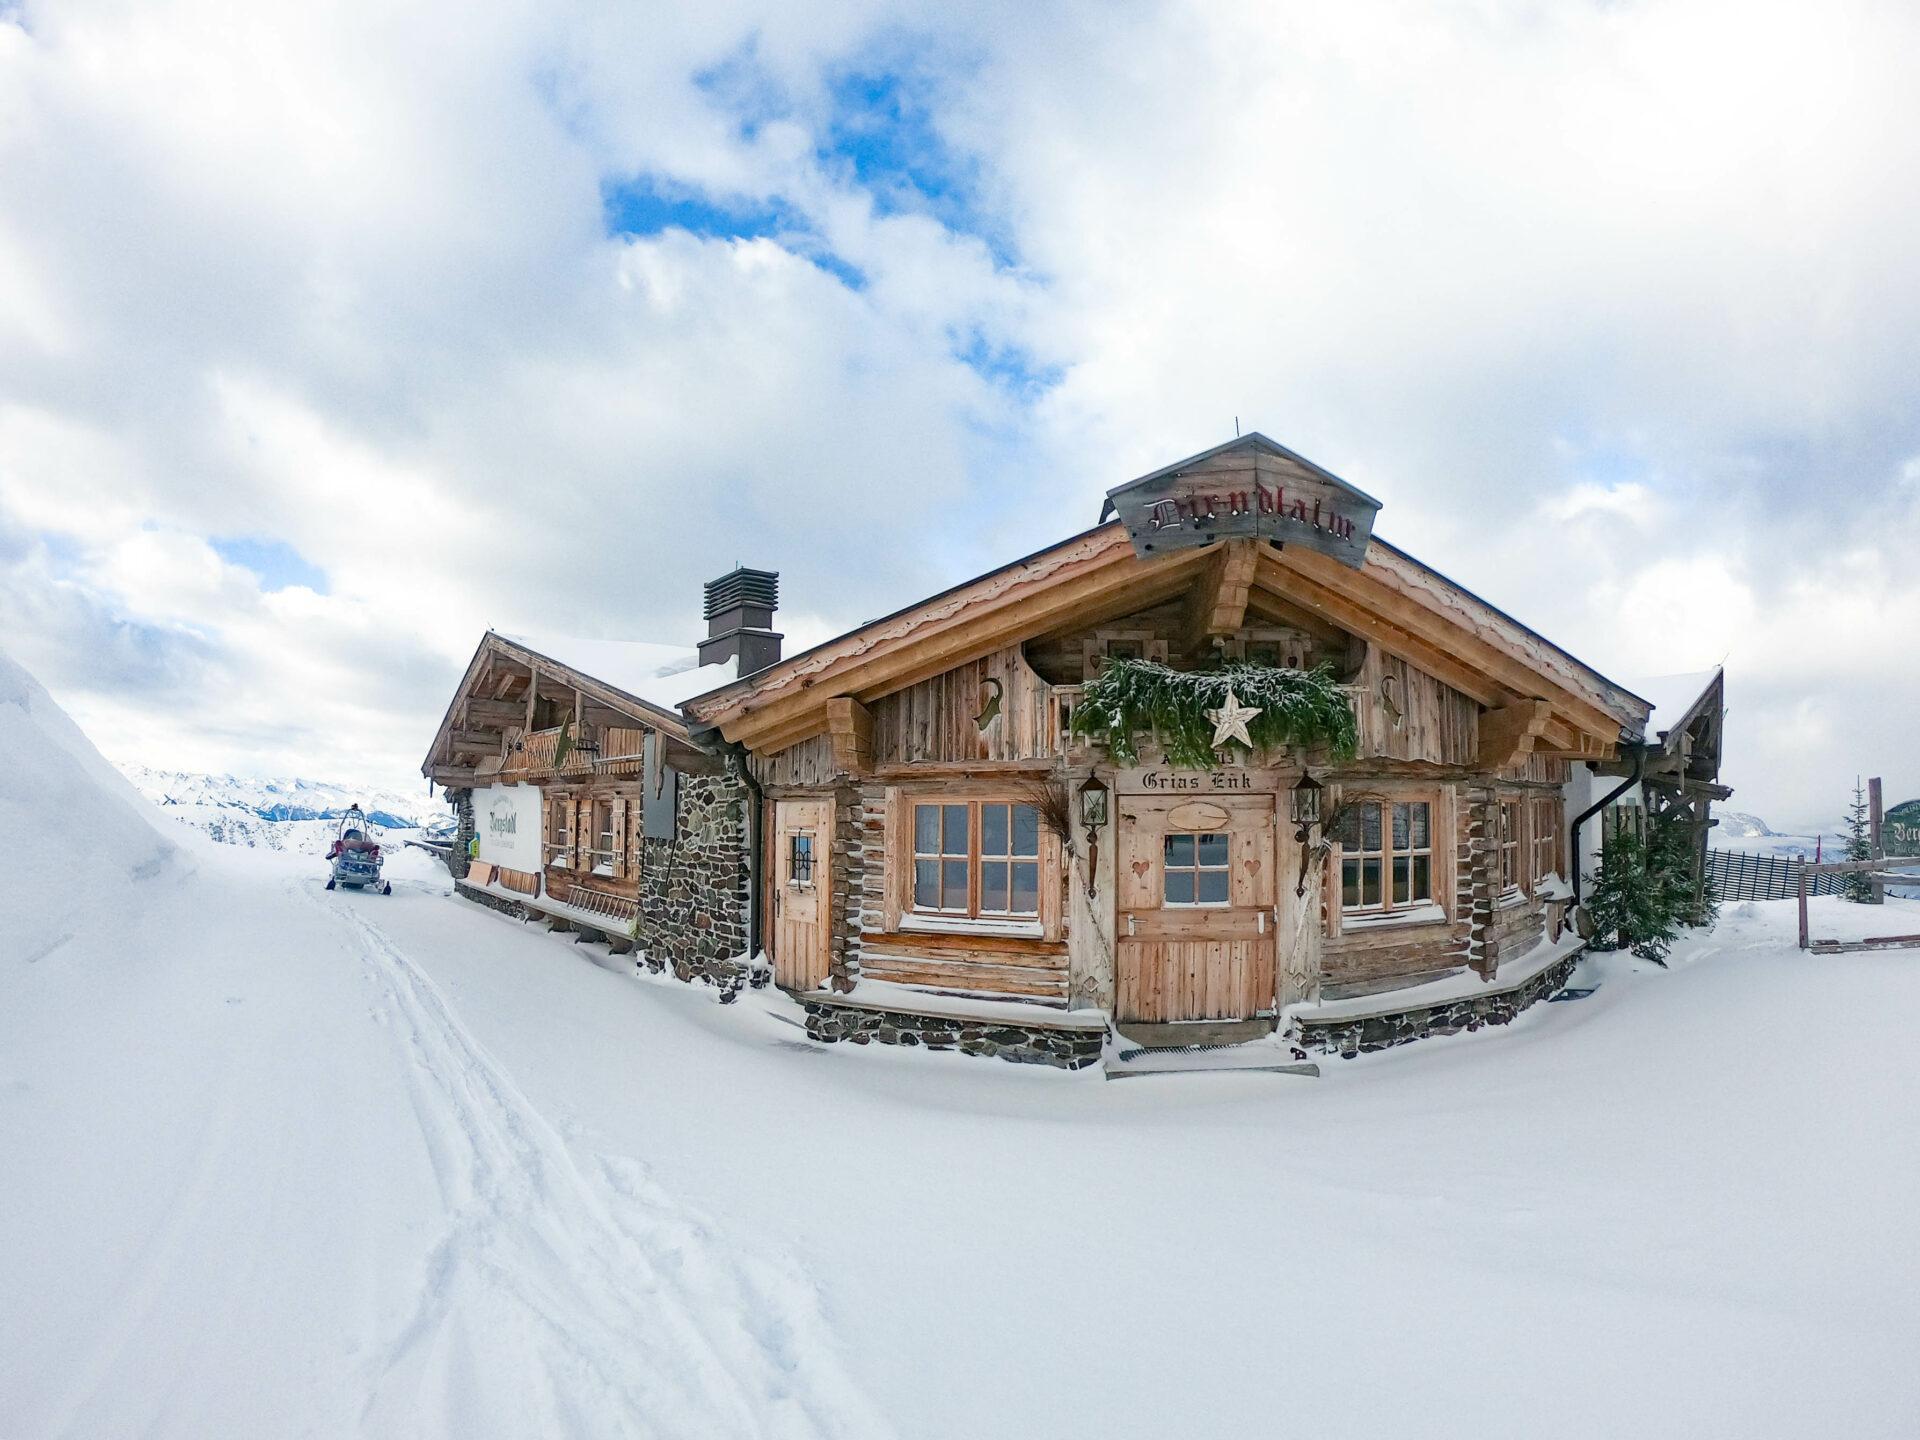 Hochkönig in Austria your fave ski destination!